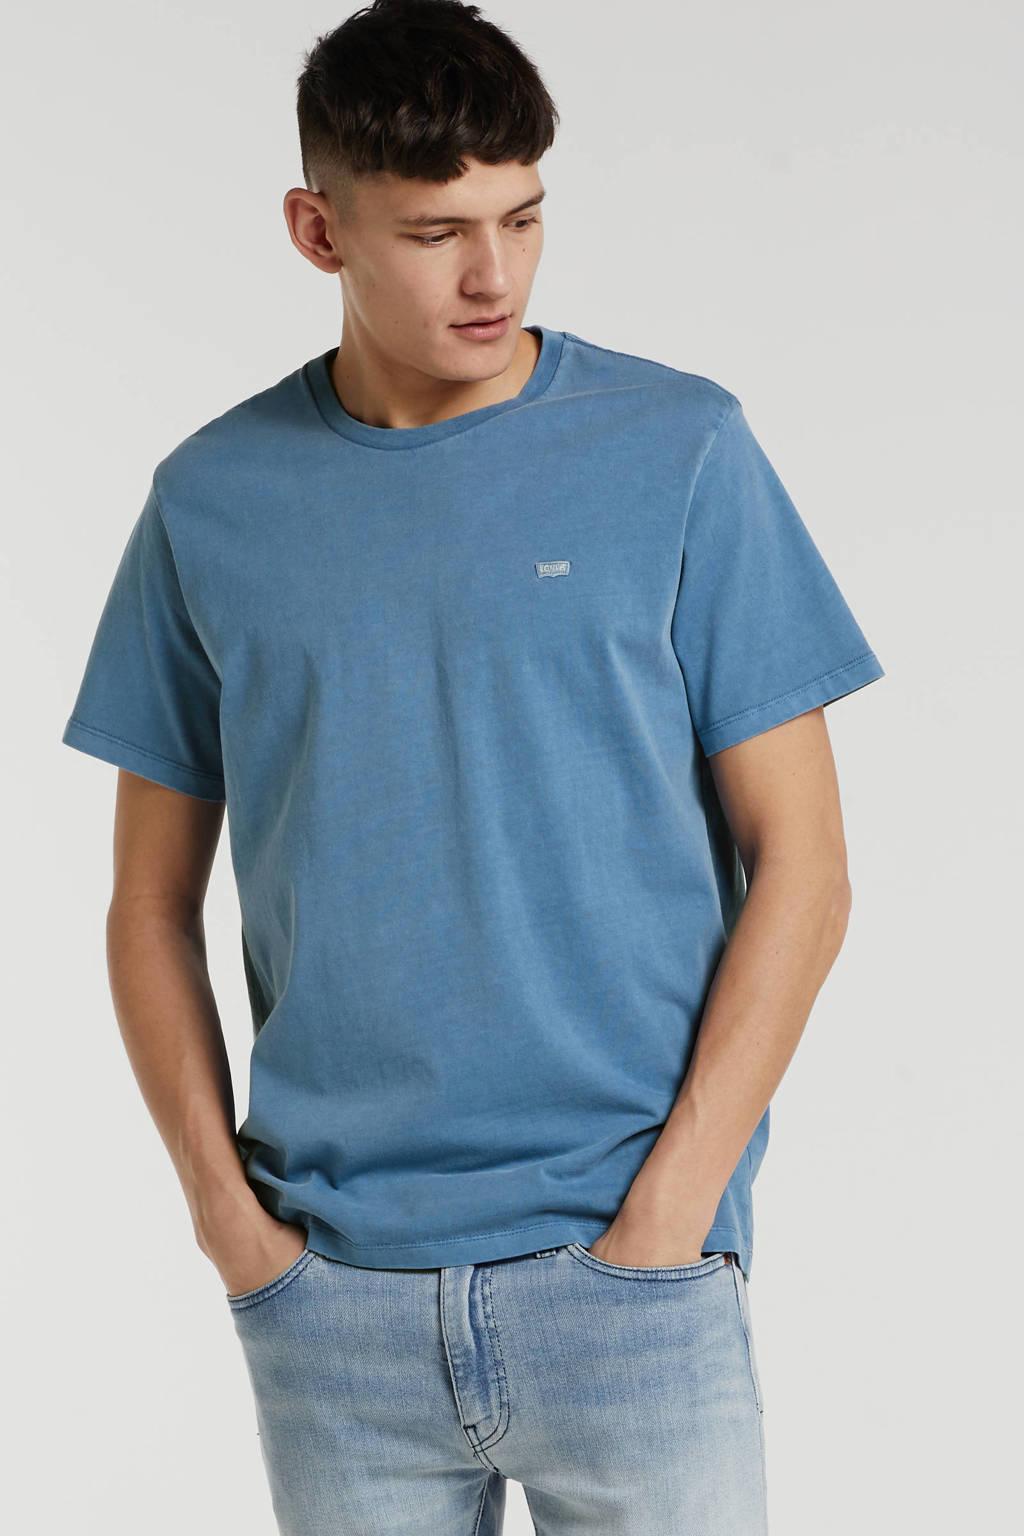 Levi's T-shirt met logo grijsblauw, Grijsblauw